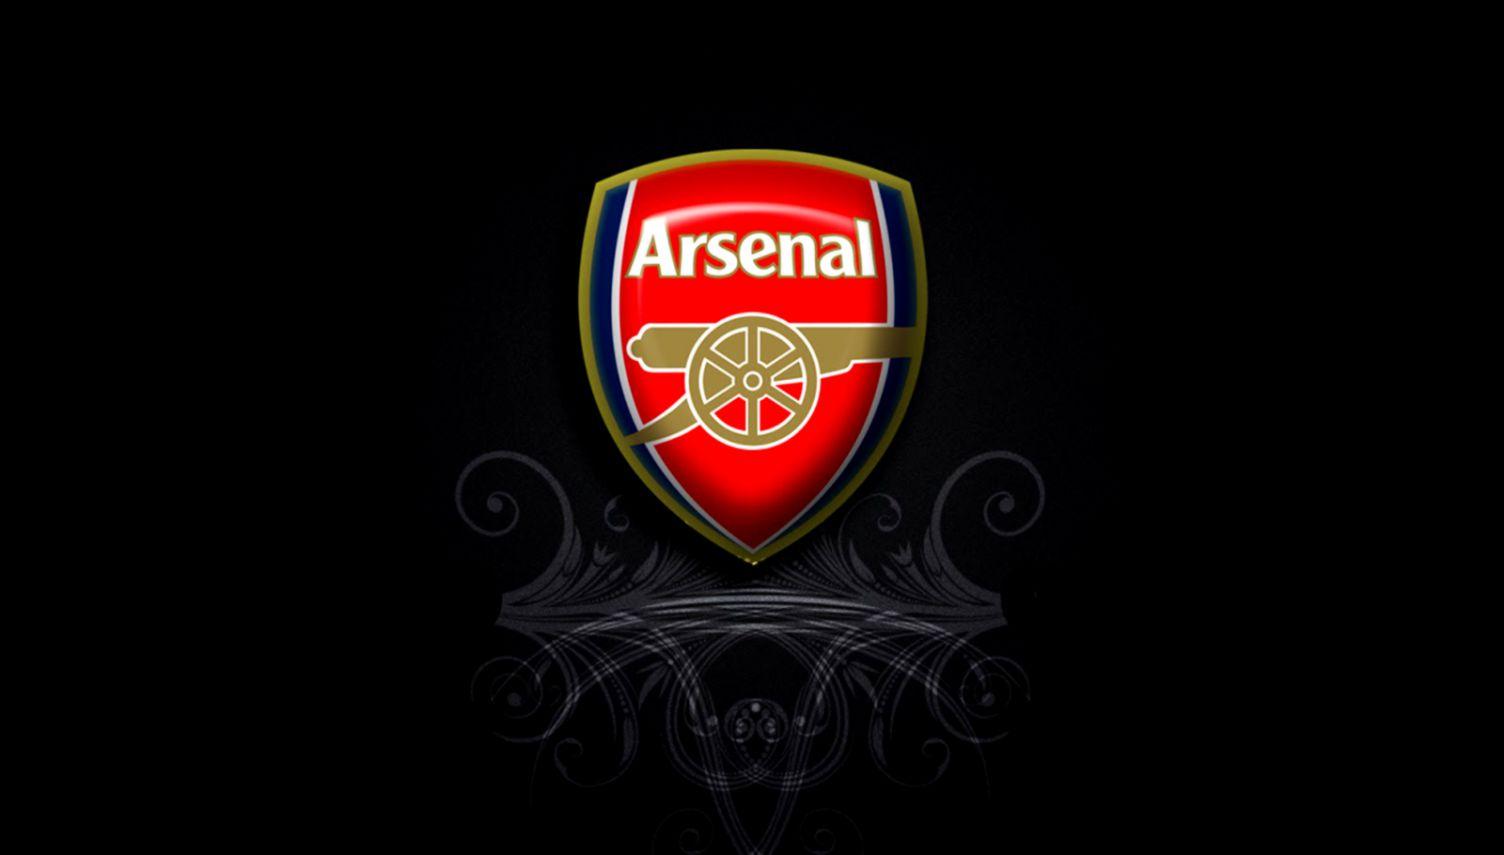 Arsenal: Arsenal Logo Wallpaper Windows